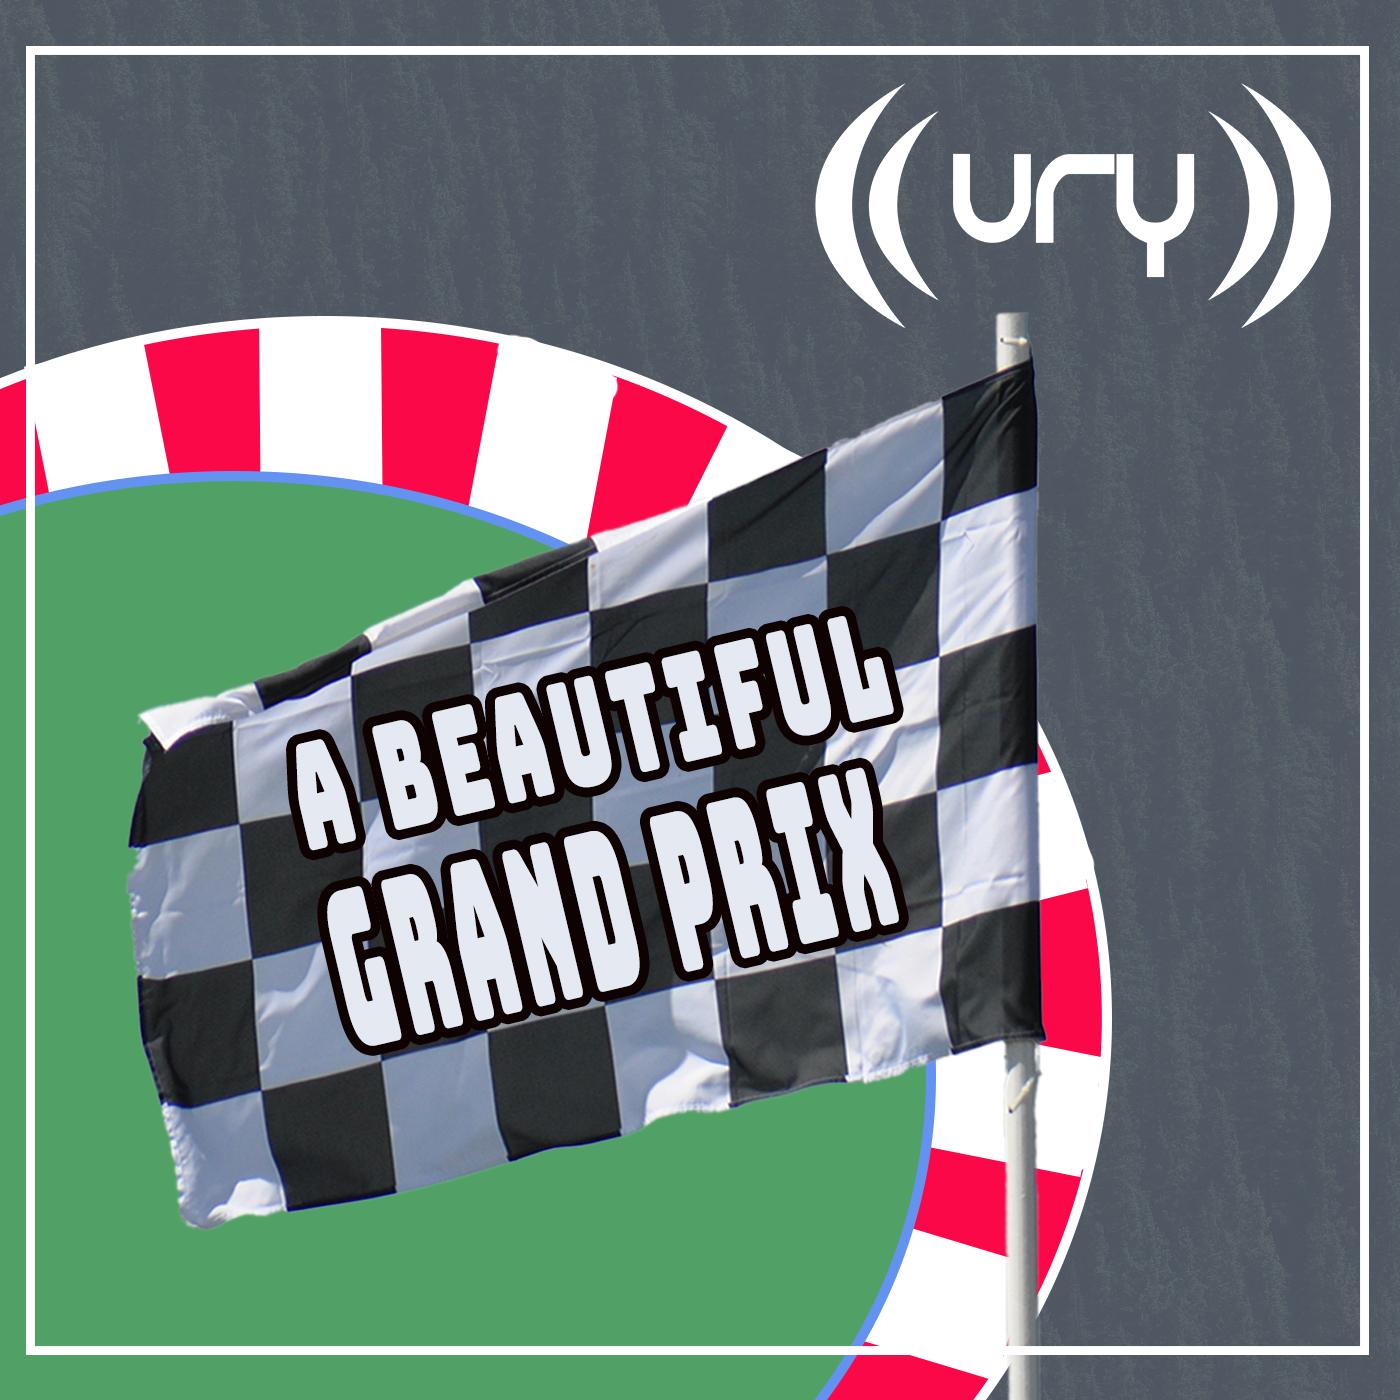 A Beautiful Grand Prix Logo